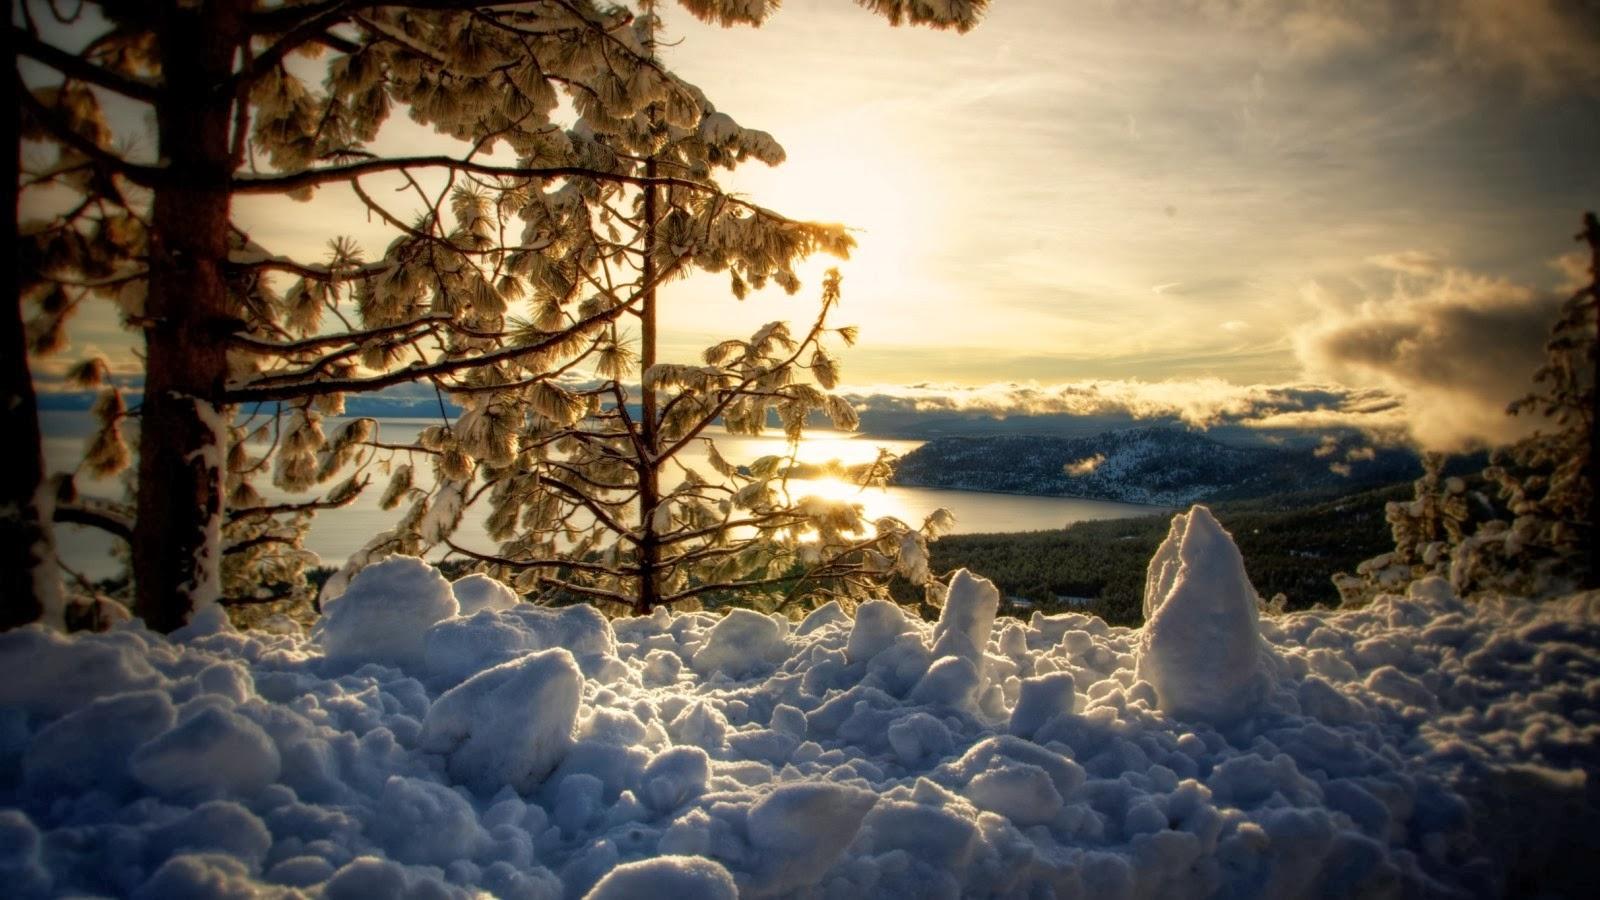 بالصور صور عن الشتاء , اروع صور للشتاء امطار و ثلوج 2933 20